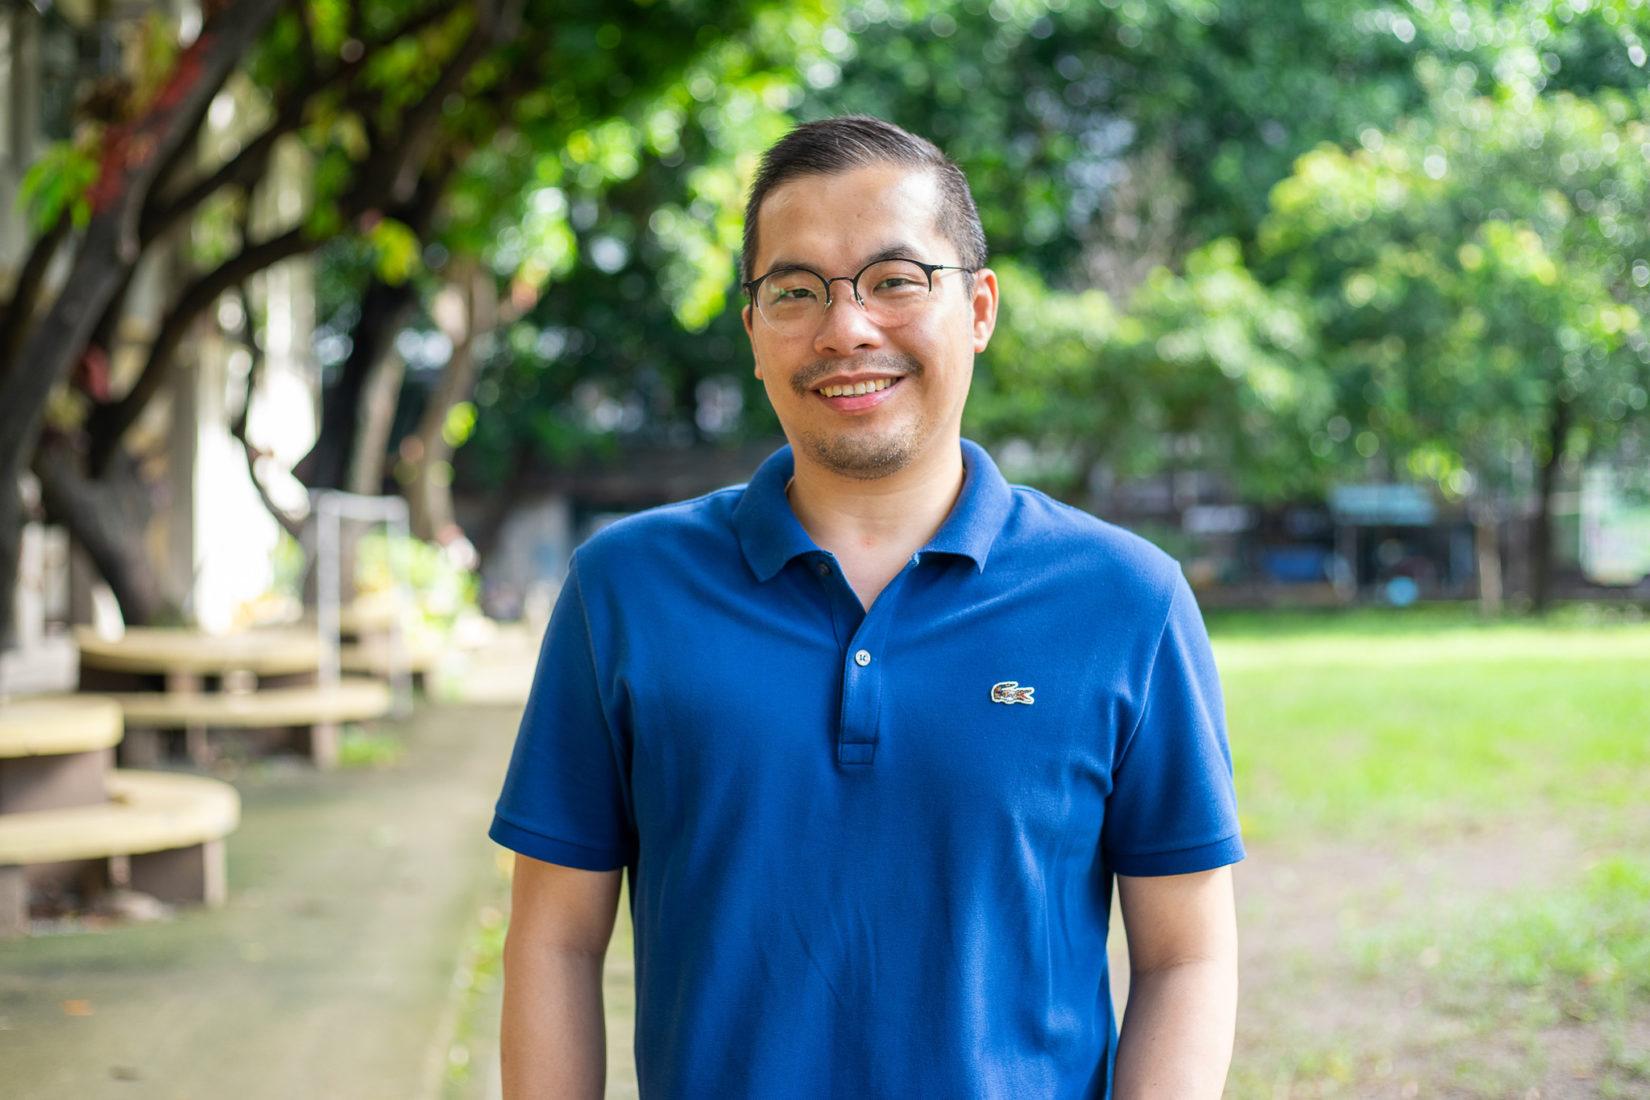 En leende man med glasögon i blå piketröja, står utomhus i en park.